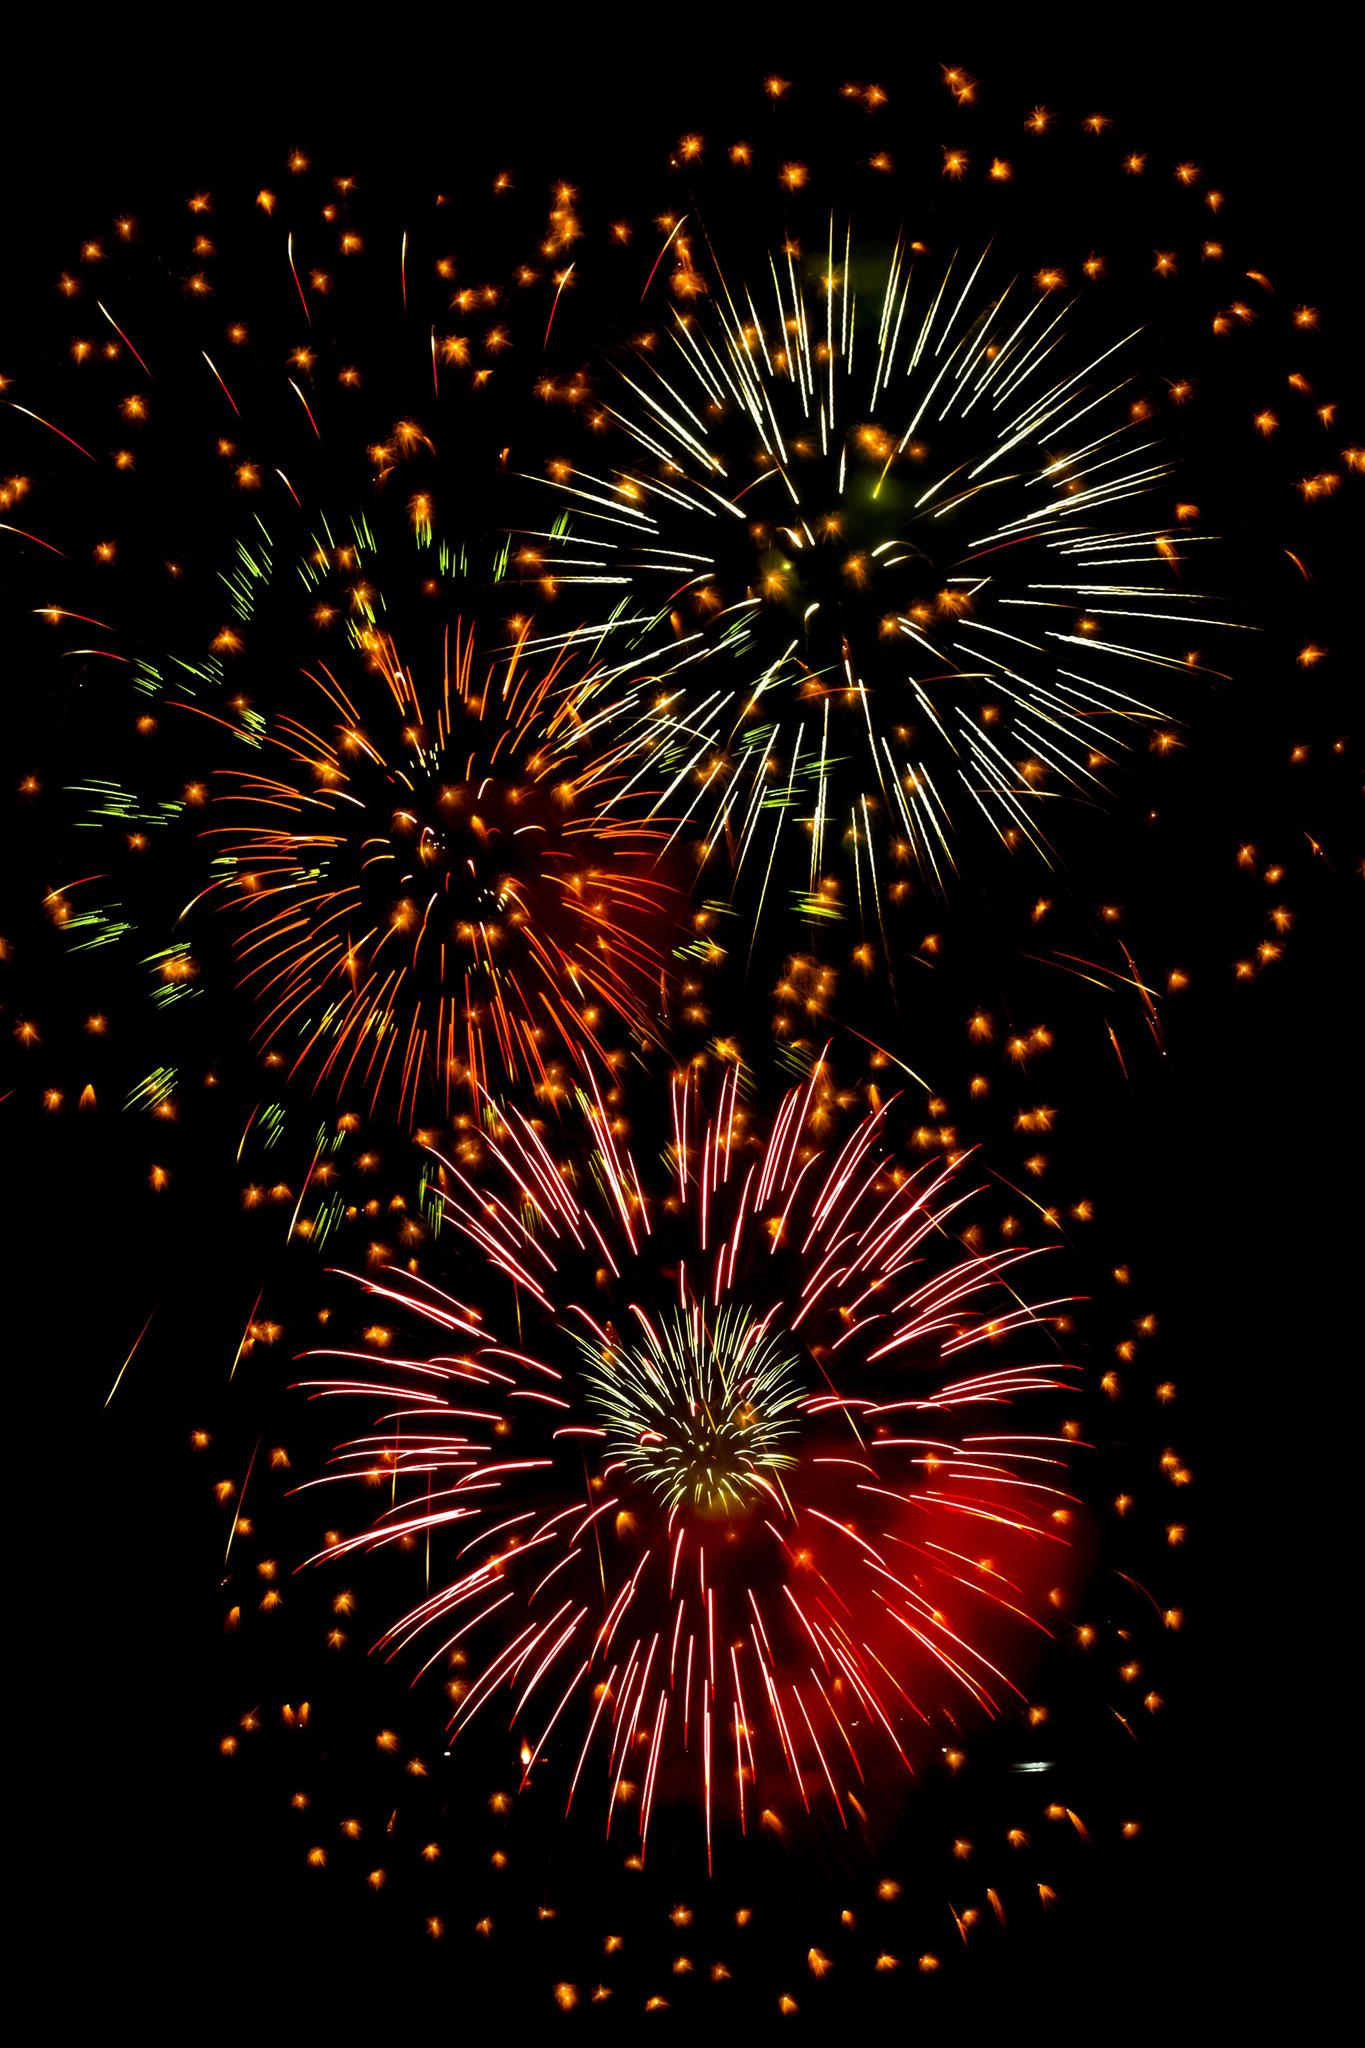 「彩り豊かな花火の撮影画像」のテクスチャを無料ダウンロード